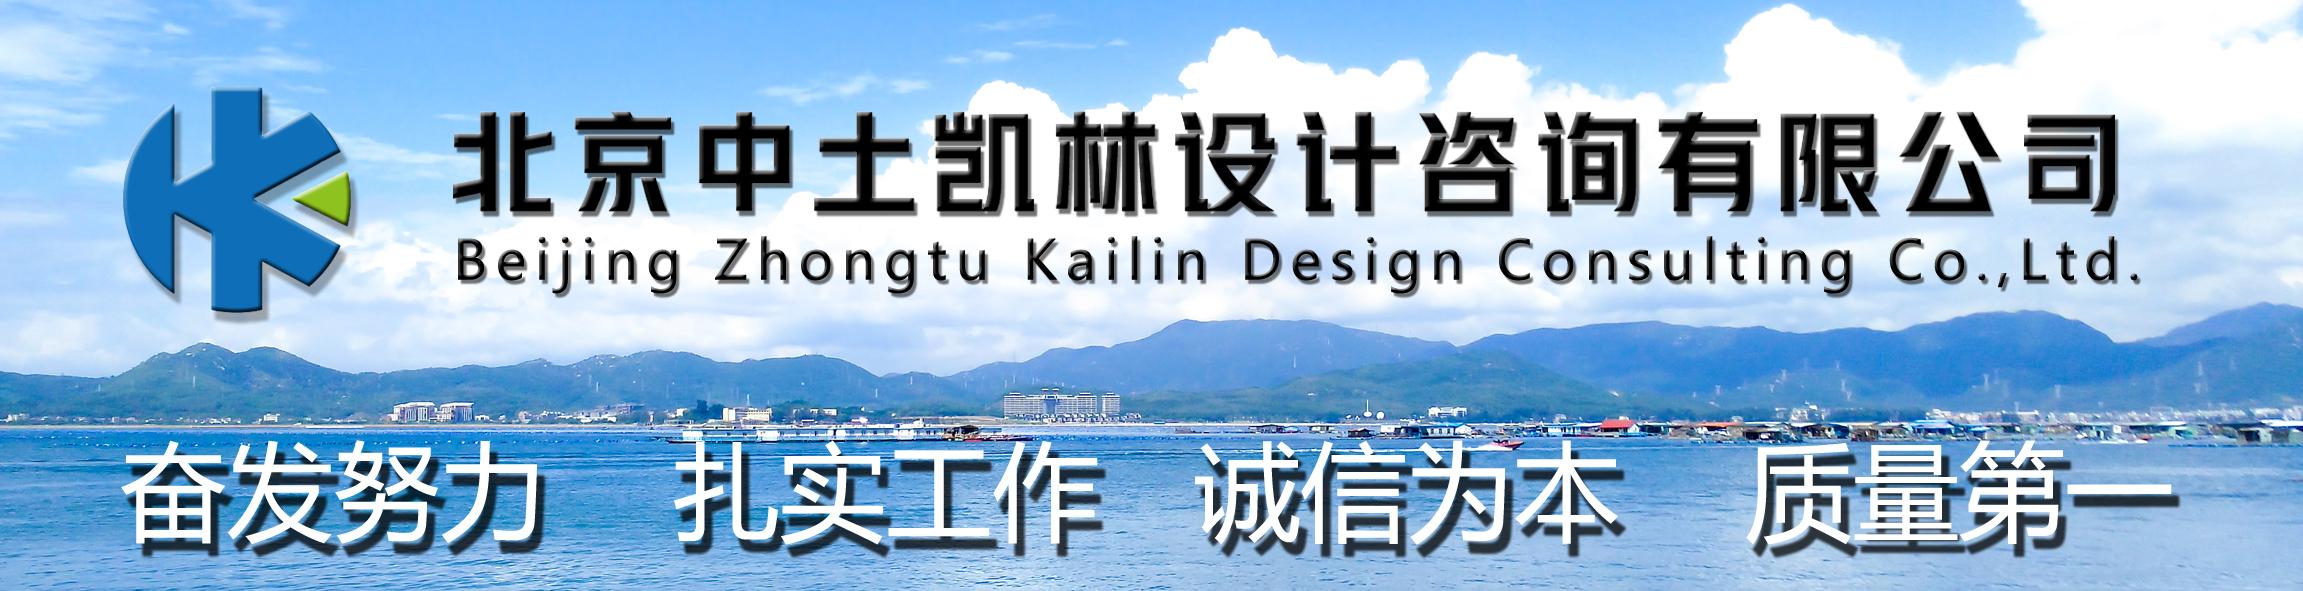 北京中土凯林设计咨询有限公司